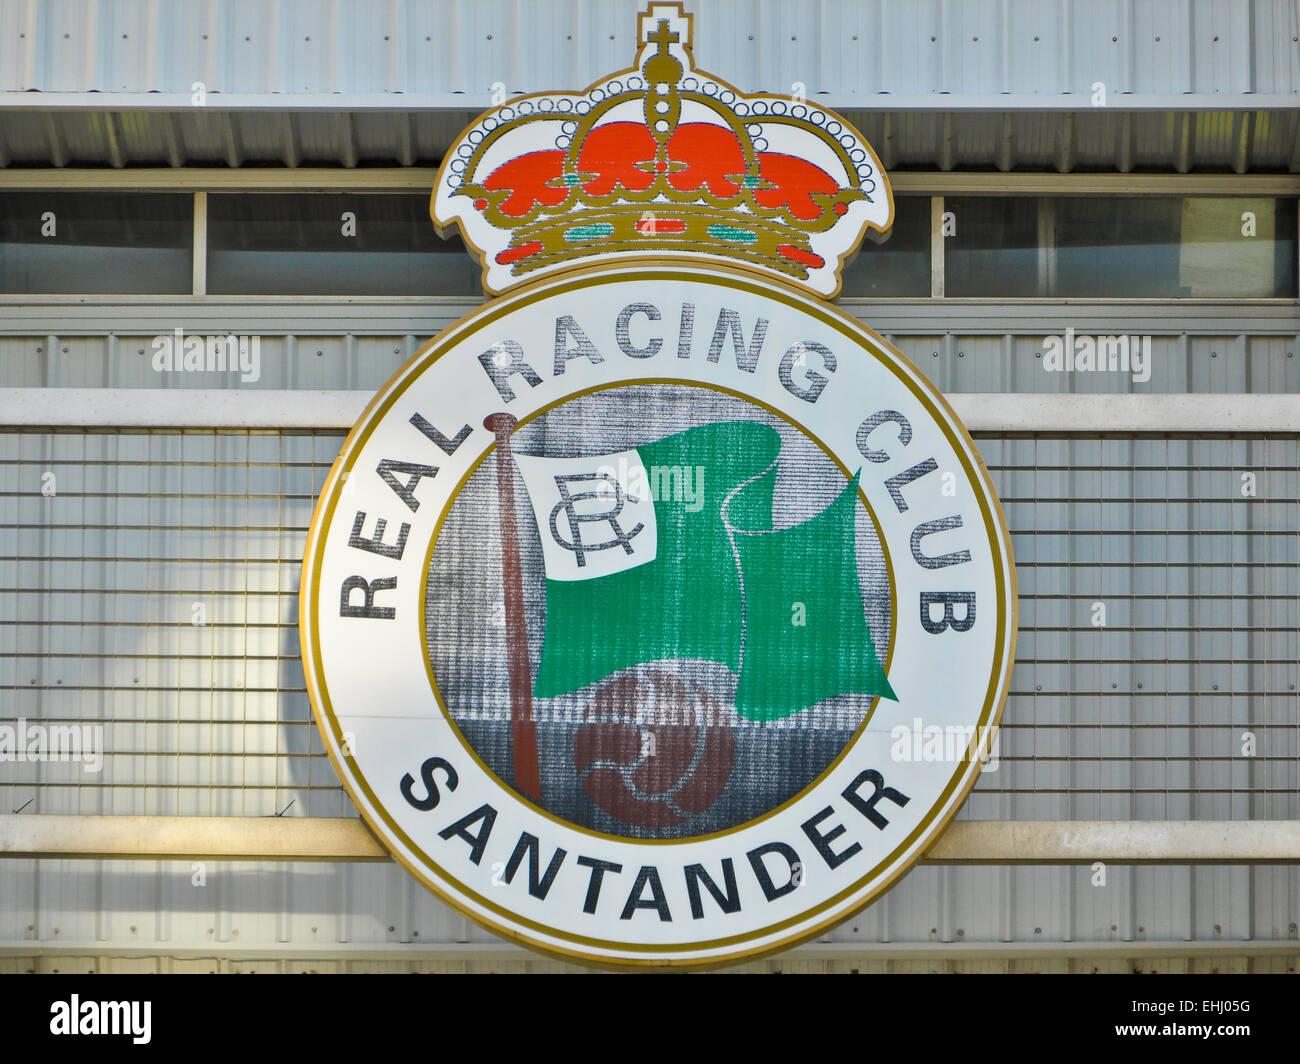 Racing Santander - Stock Image